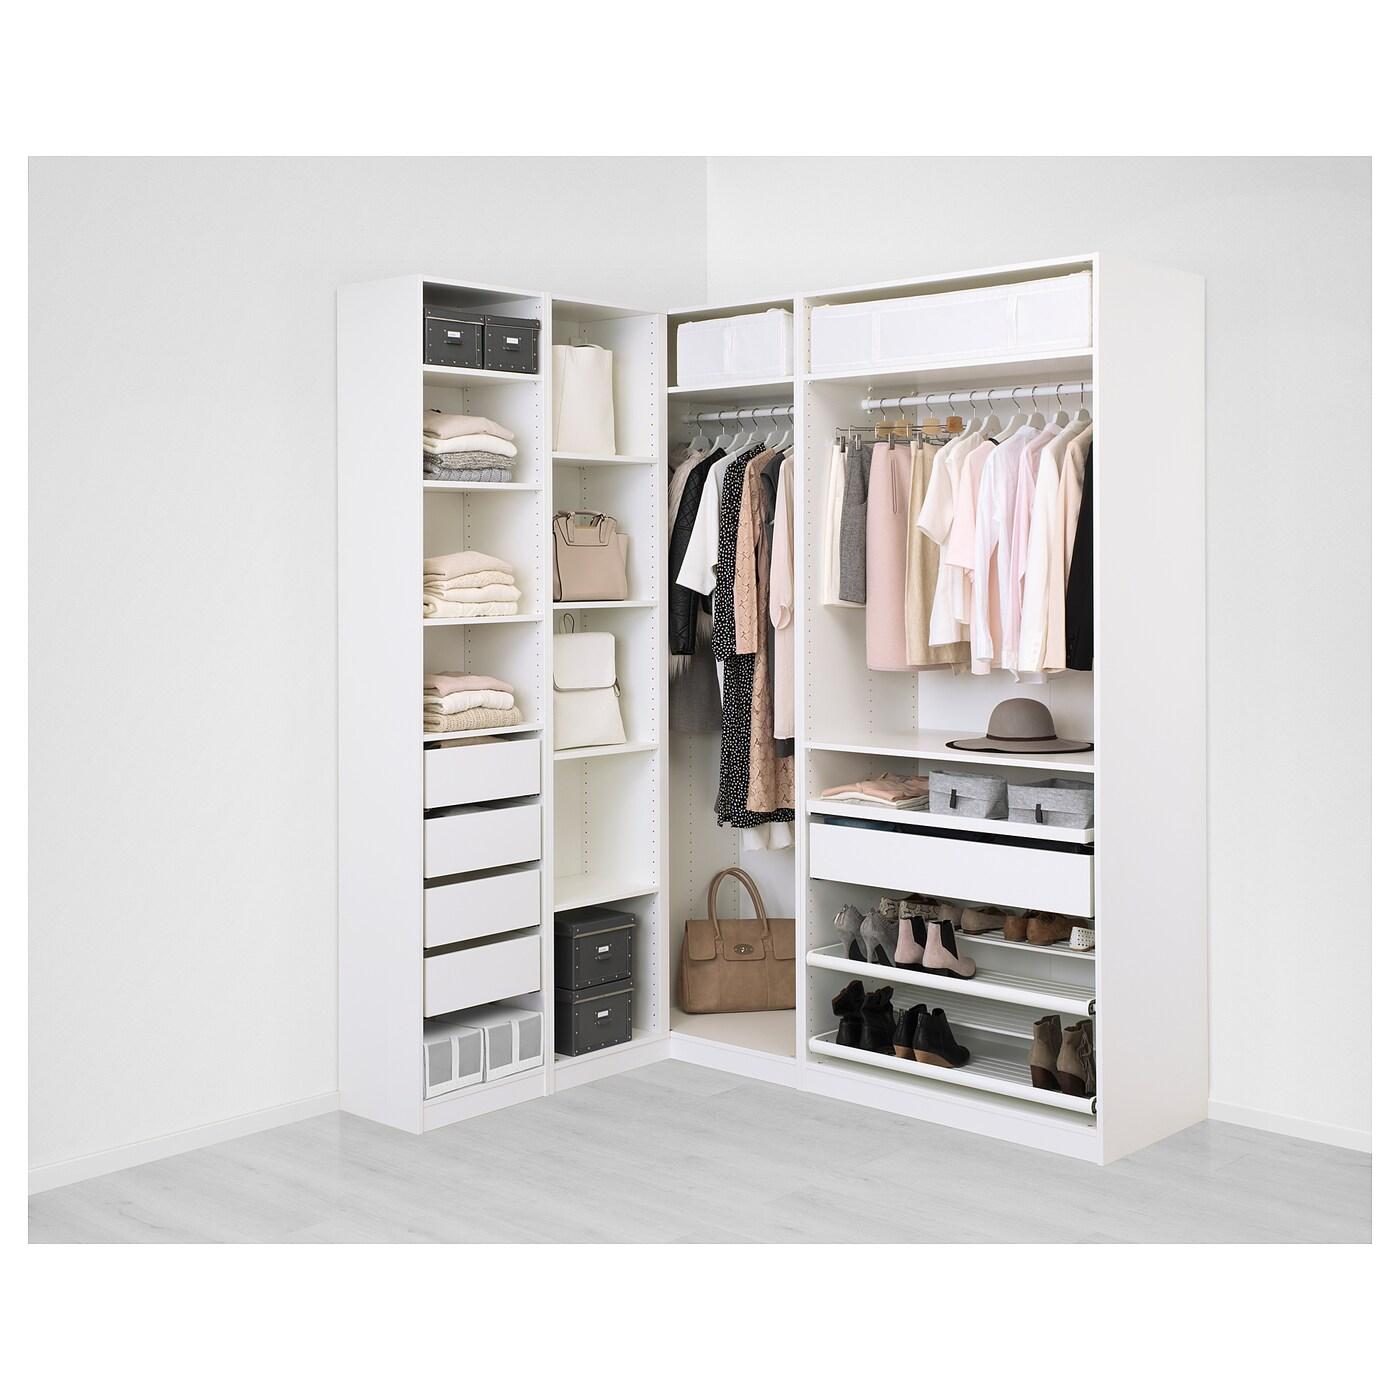 PAX Eckkleiderschrank - 160/188x236 cm - IKEA